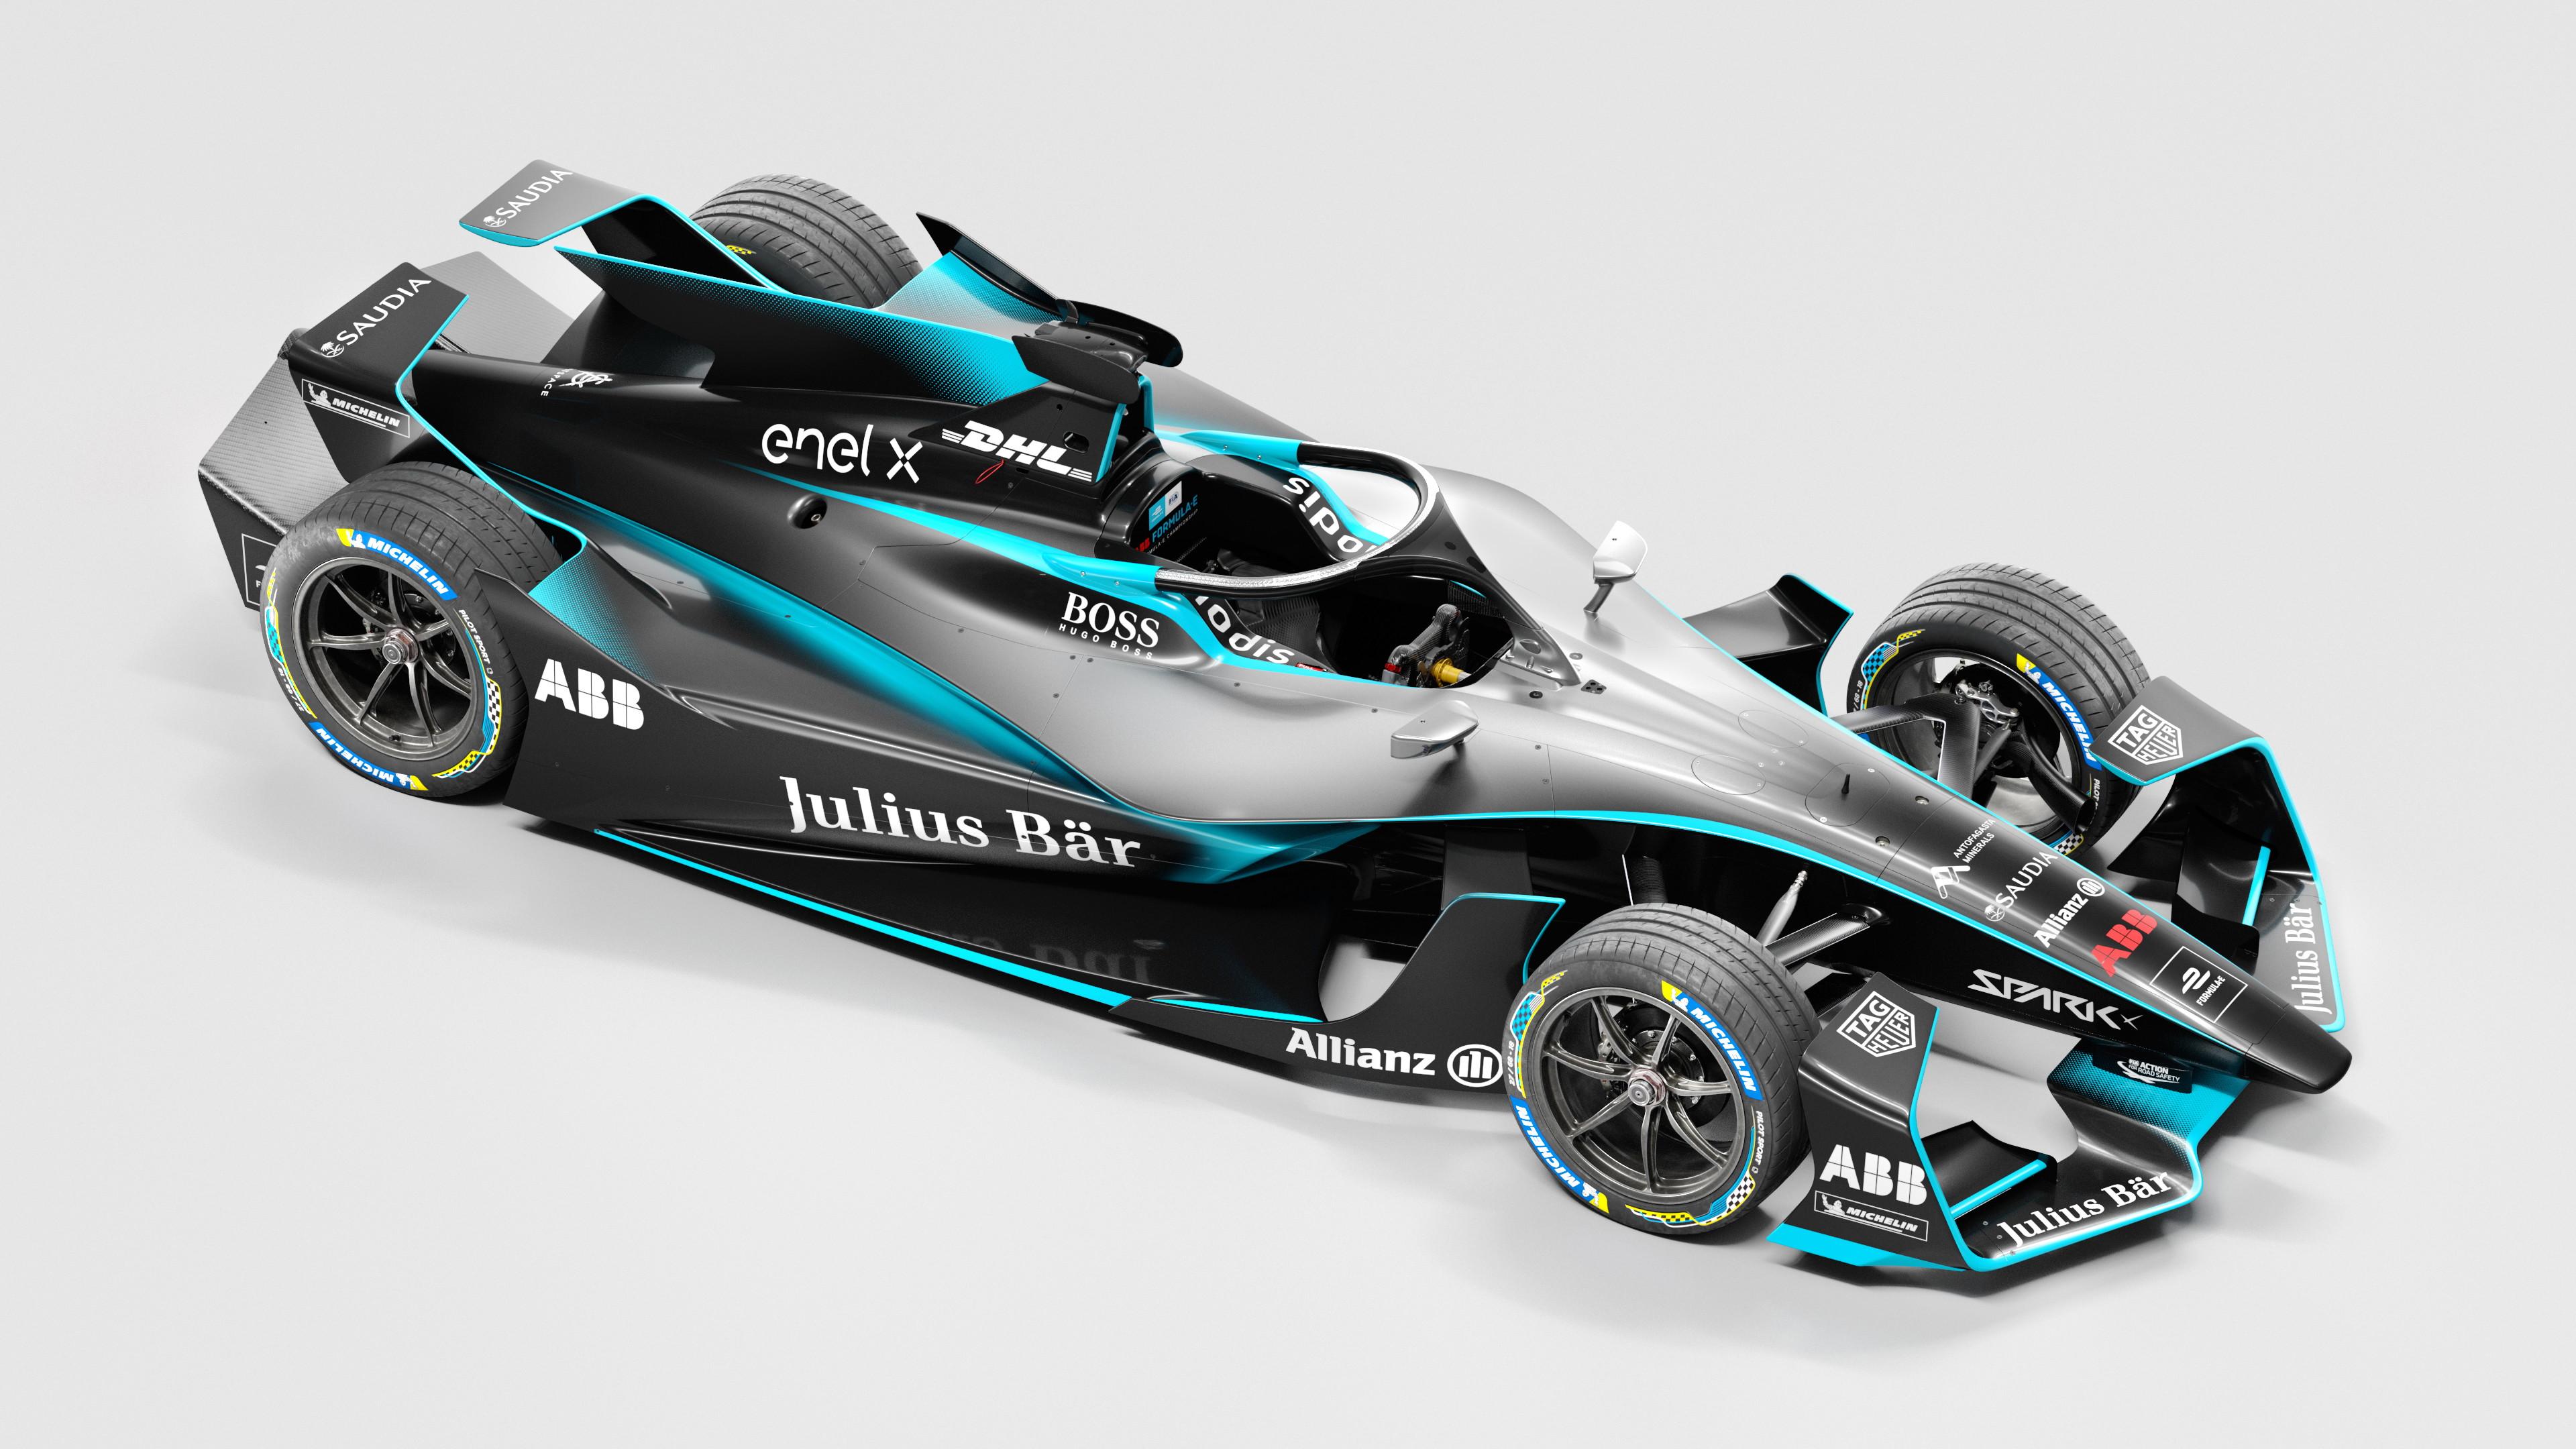 Ruote scoperte e nuovo anteriore: la Formula E ha svelato la monoposto che sar&agrave; utilizzata dal 2020/2021.<br /><br />